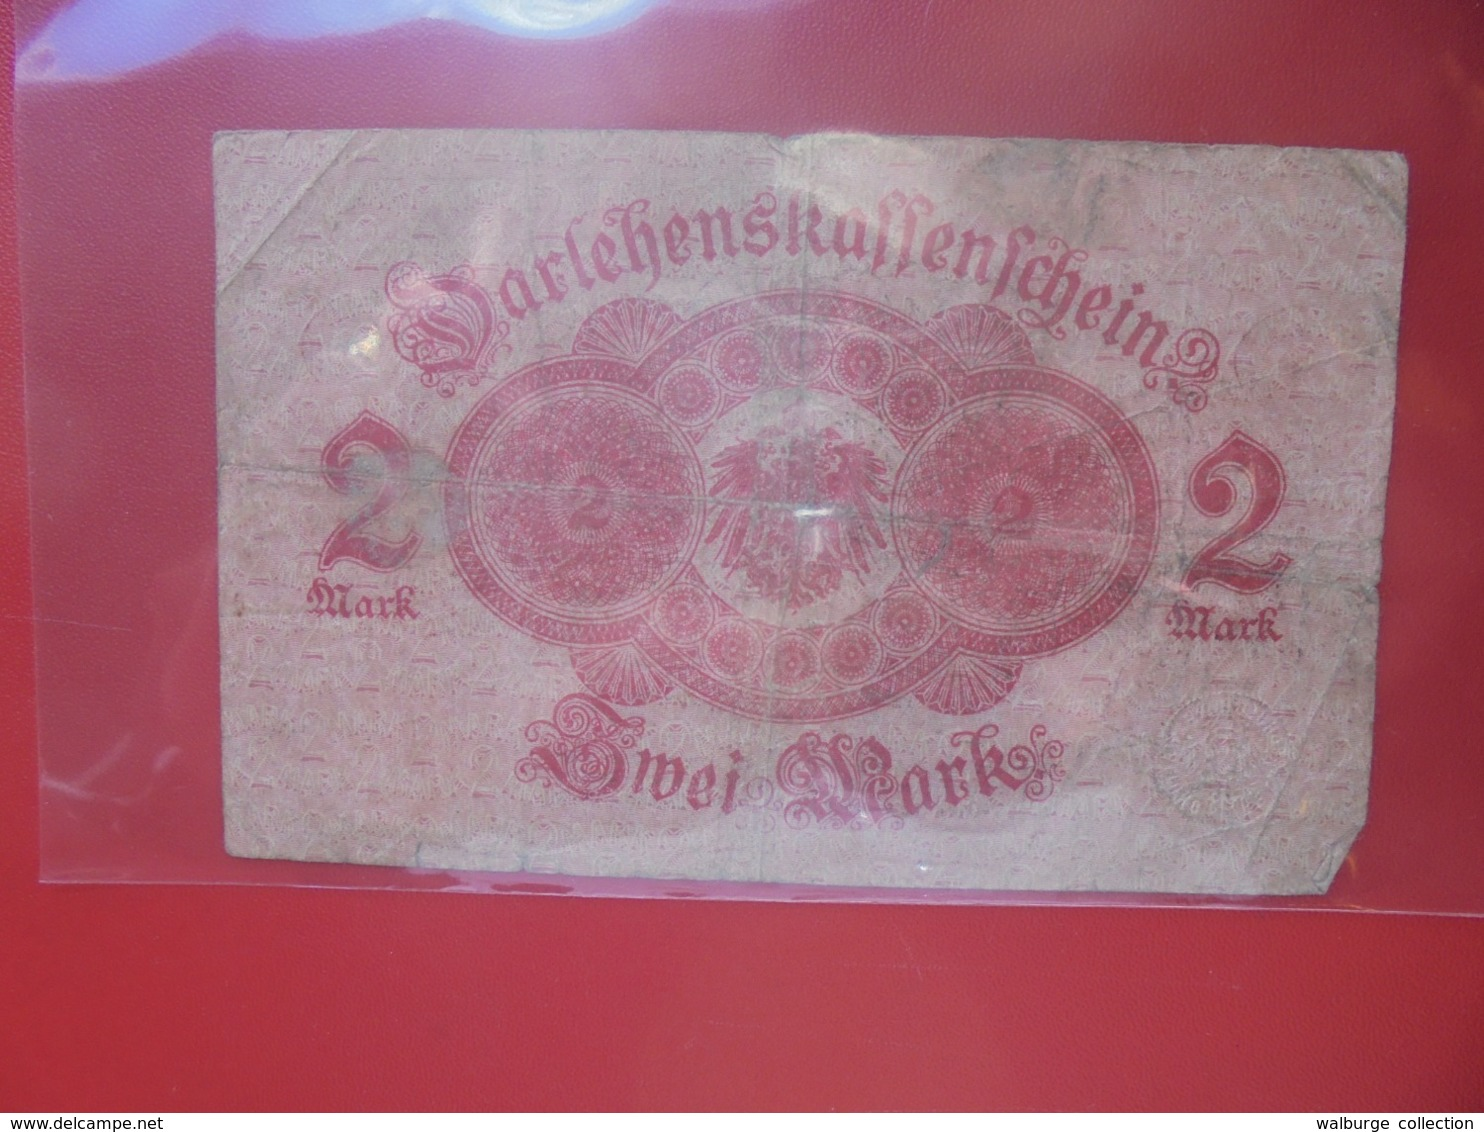 Darlehnskassenschein :2 MARK 1914 CIRCULER (B.8) - [ 2] 1871-1918 : Impero Tedesco